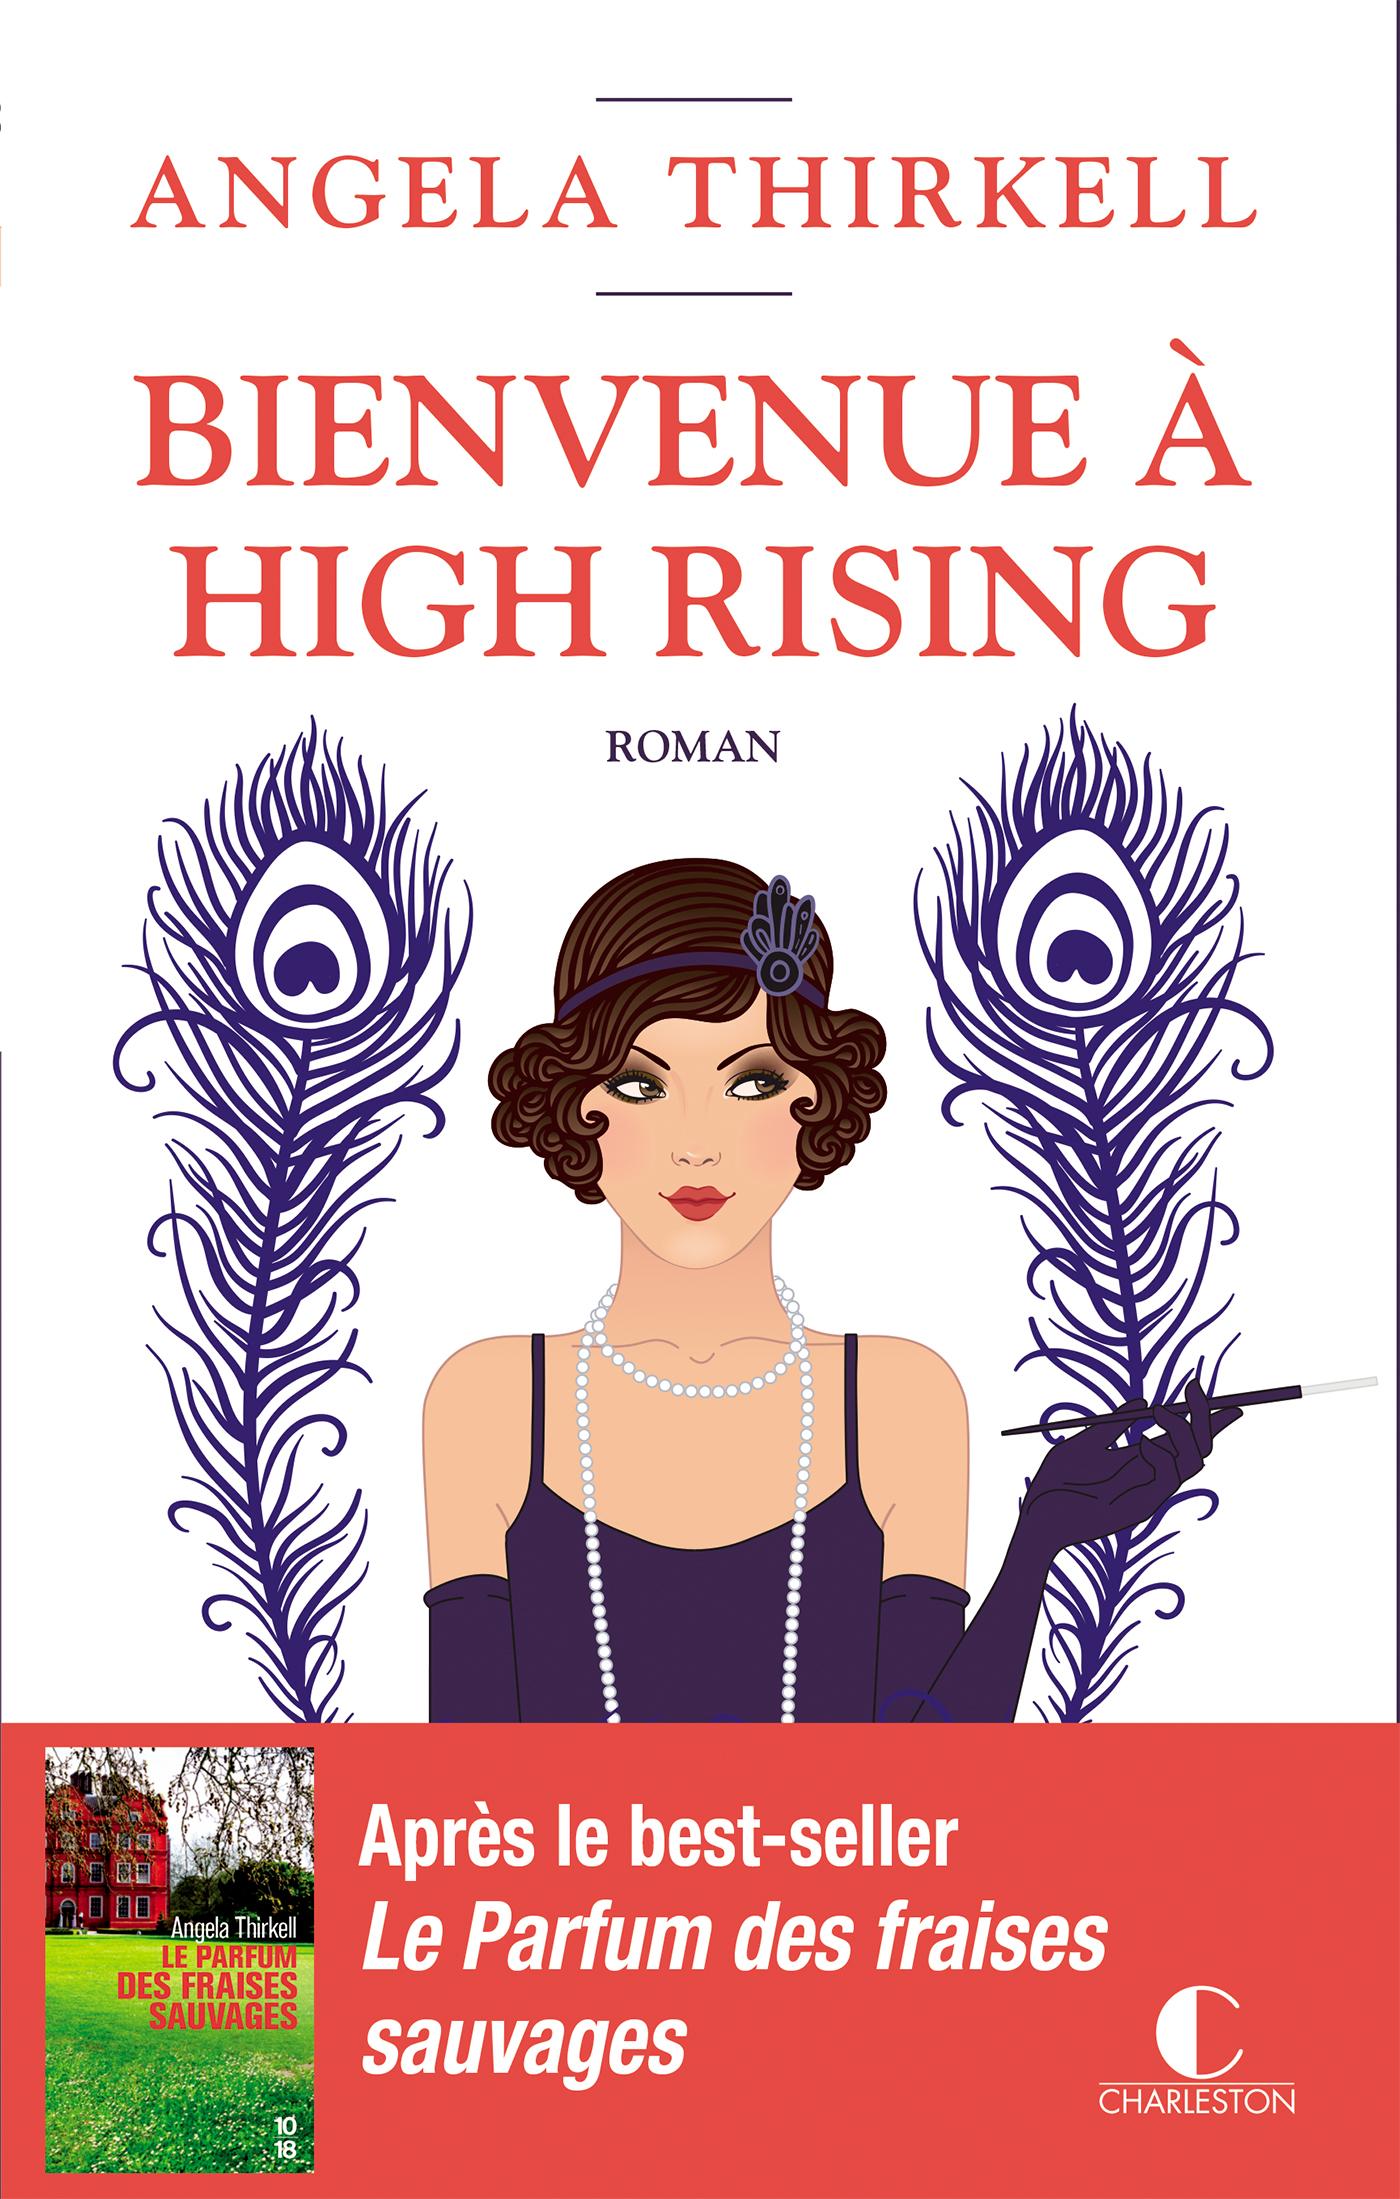 Bienvenue_High_Rising_c1